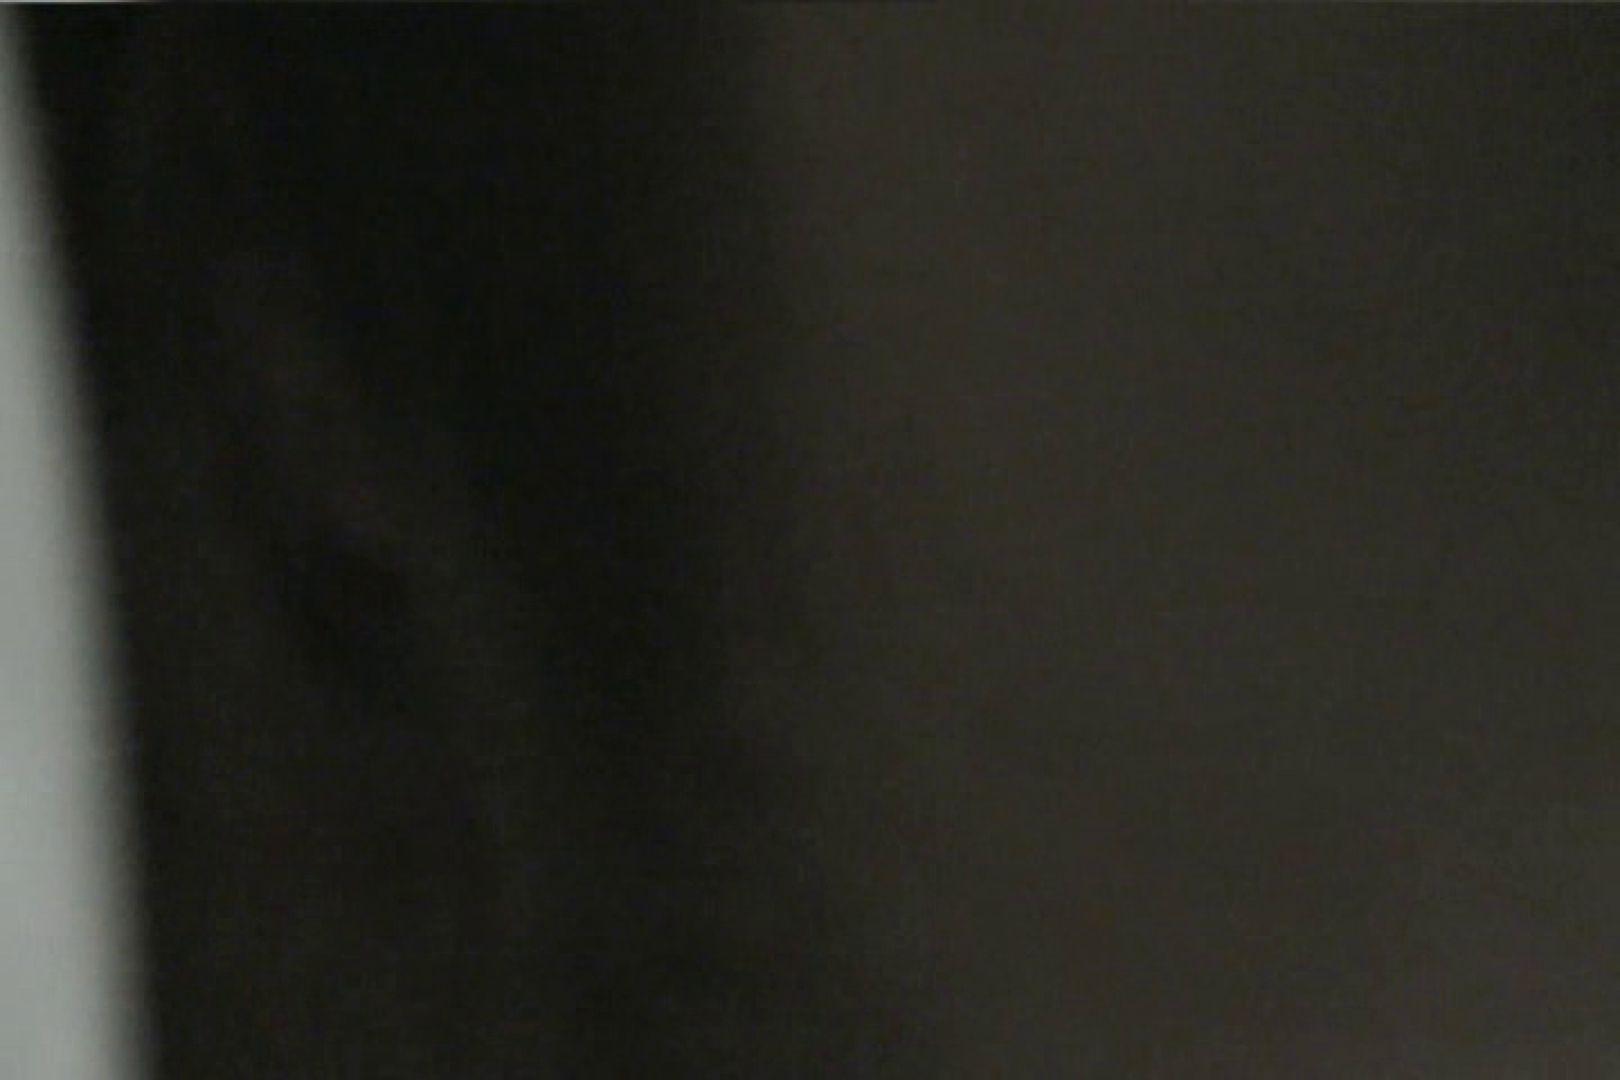 マンコ丸見え女子洗面所Vol.31 OLセックス 覗きぱこり動画紹介 91画像 30